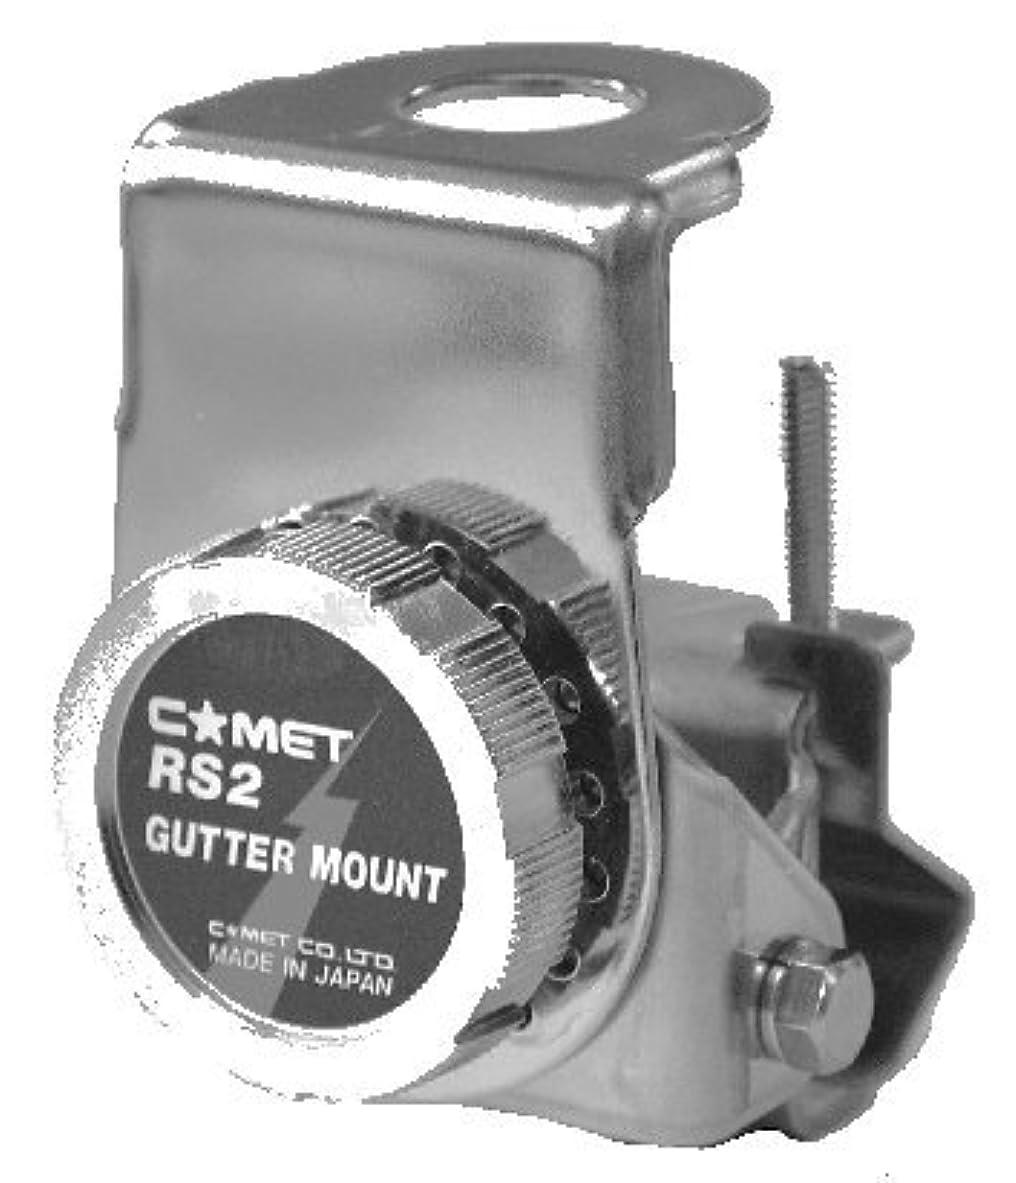 イソギンチャクレジ保証COMET コメット CA-RS2 モービル用ルーフサイド基台